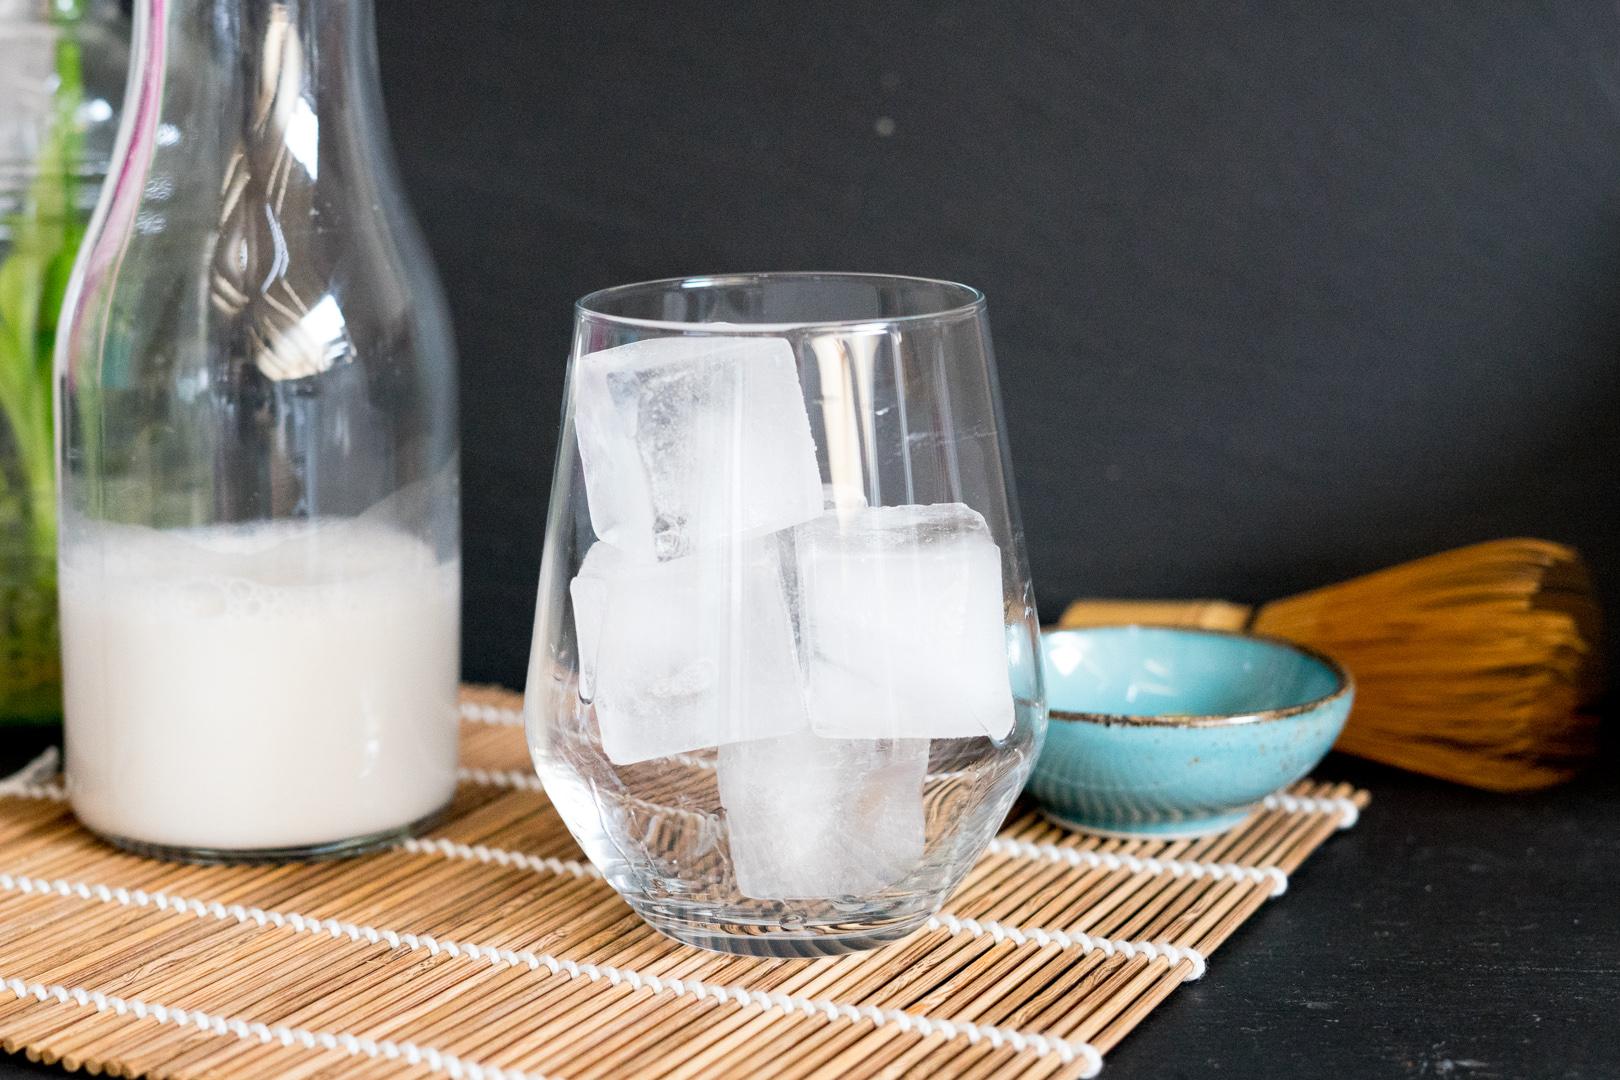 fitnessblog-fitnessblogger-fitness-blog-blogger-stuttgart-dreamteamfitness-iced-coconut-matcha-latte